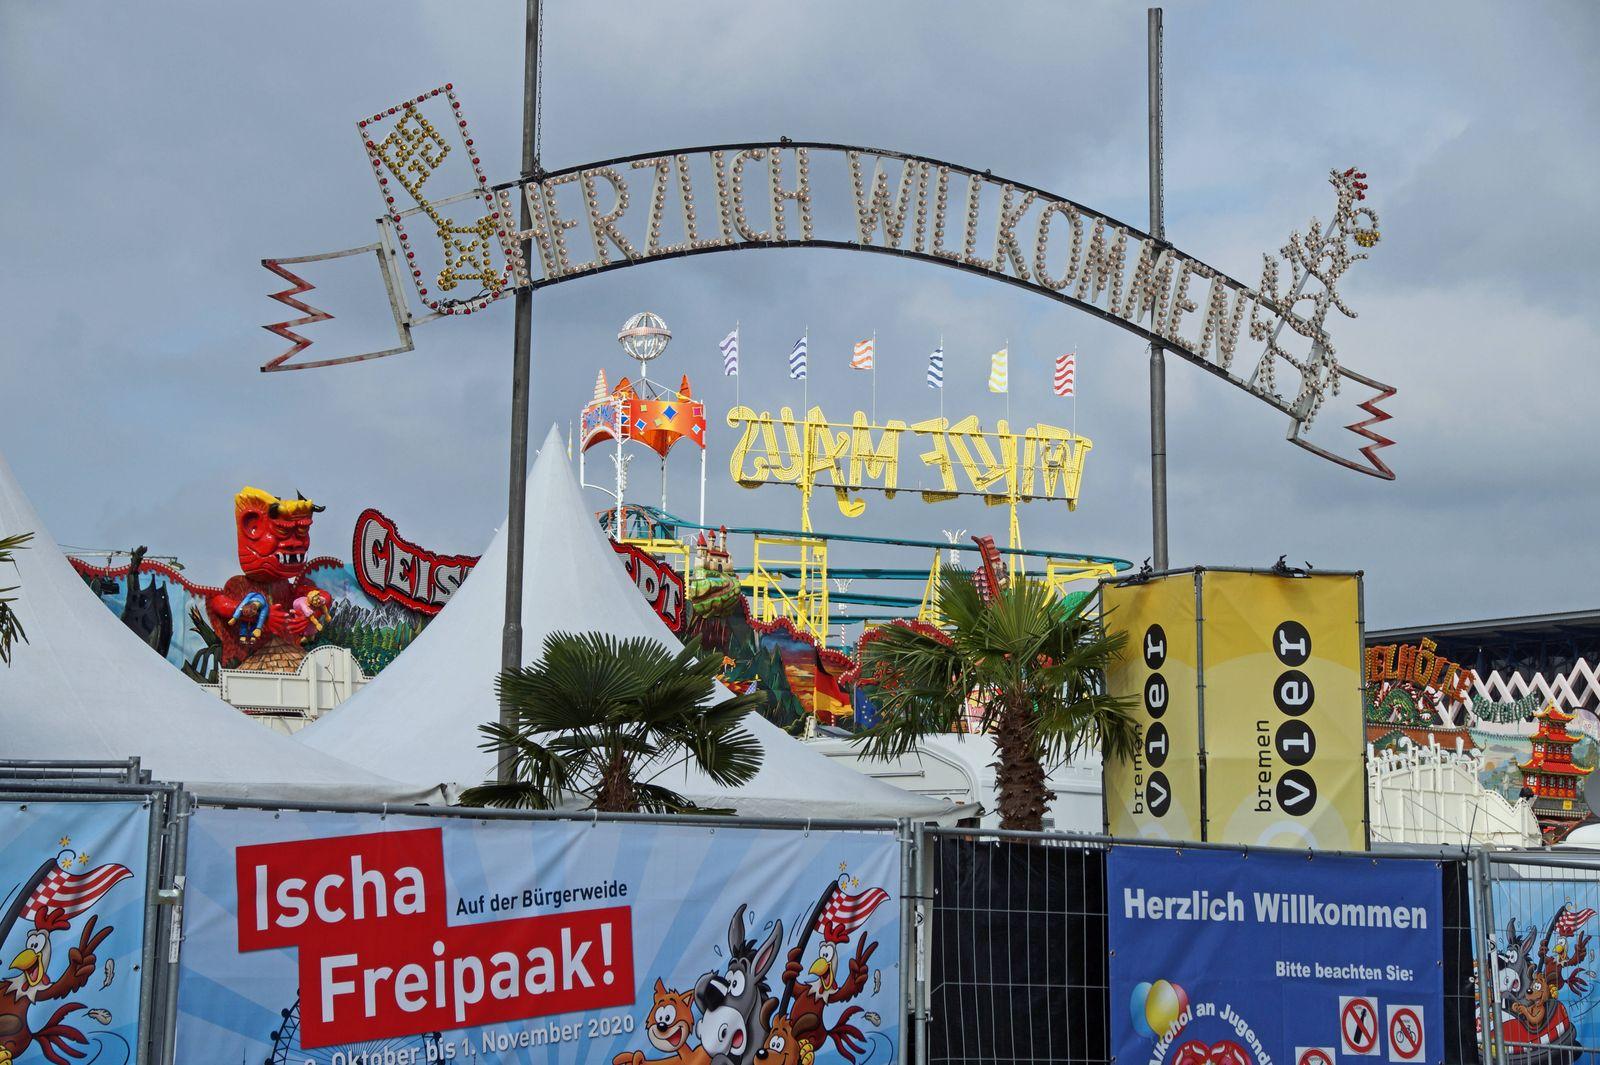 Freipark statt Freimarkt: Der 985. Bremer Freimarkt ist am Freitag, dem 2. Oktober 2020, auf der Bürgerweide eröffnet wo